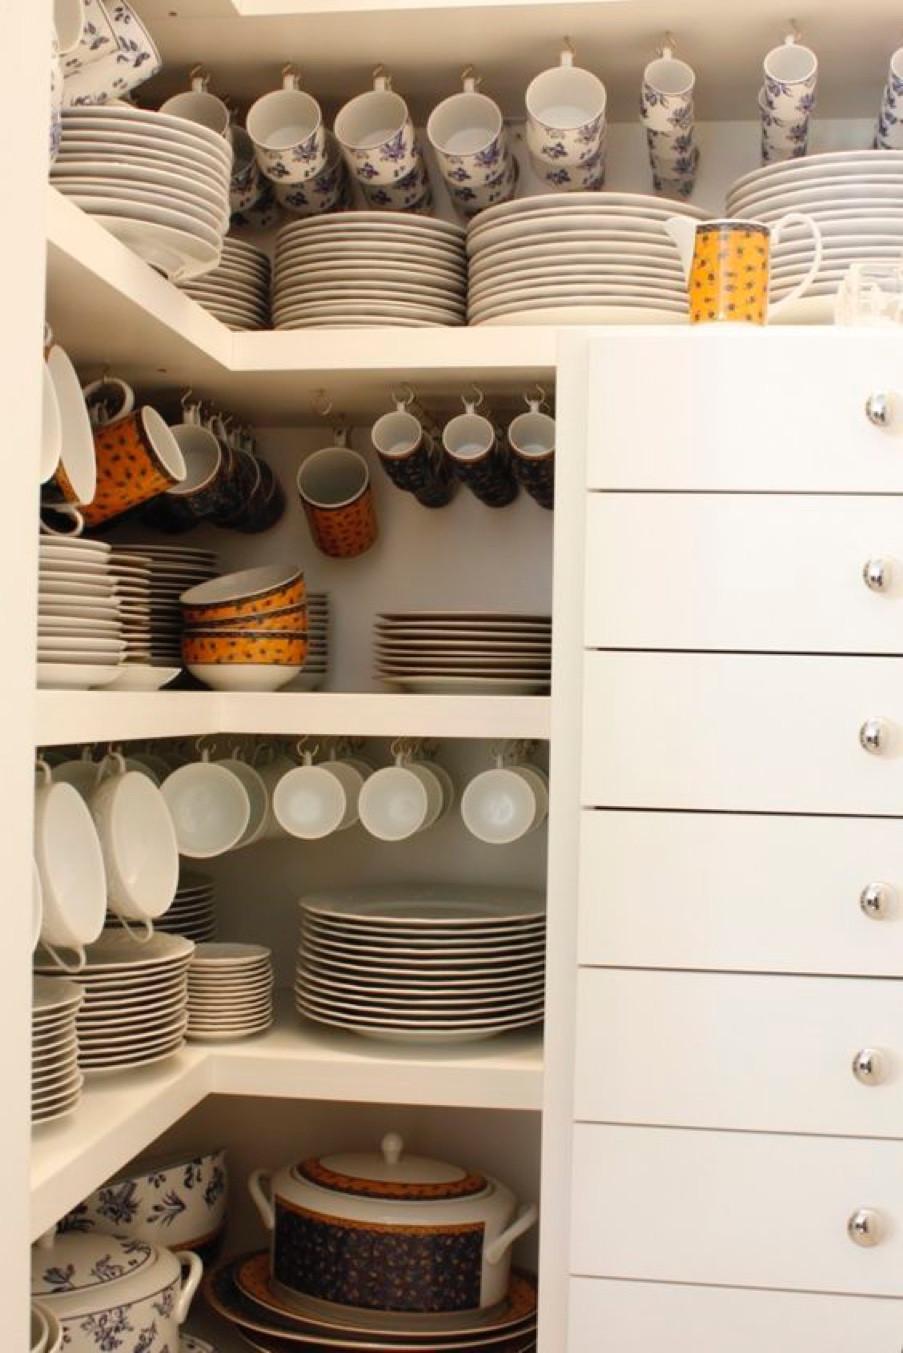 Organização de xícaras, pratos e louças em geral com ganchos de armário